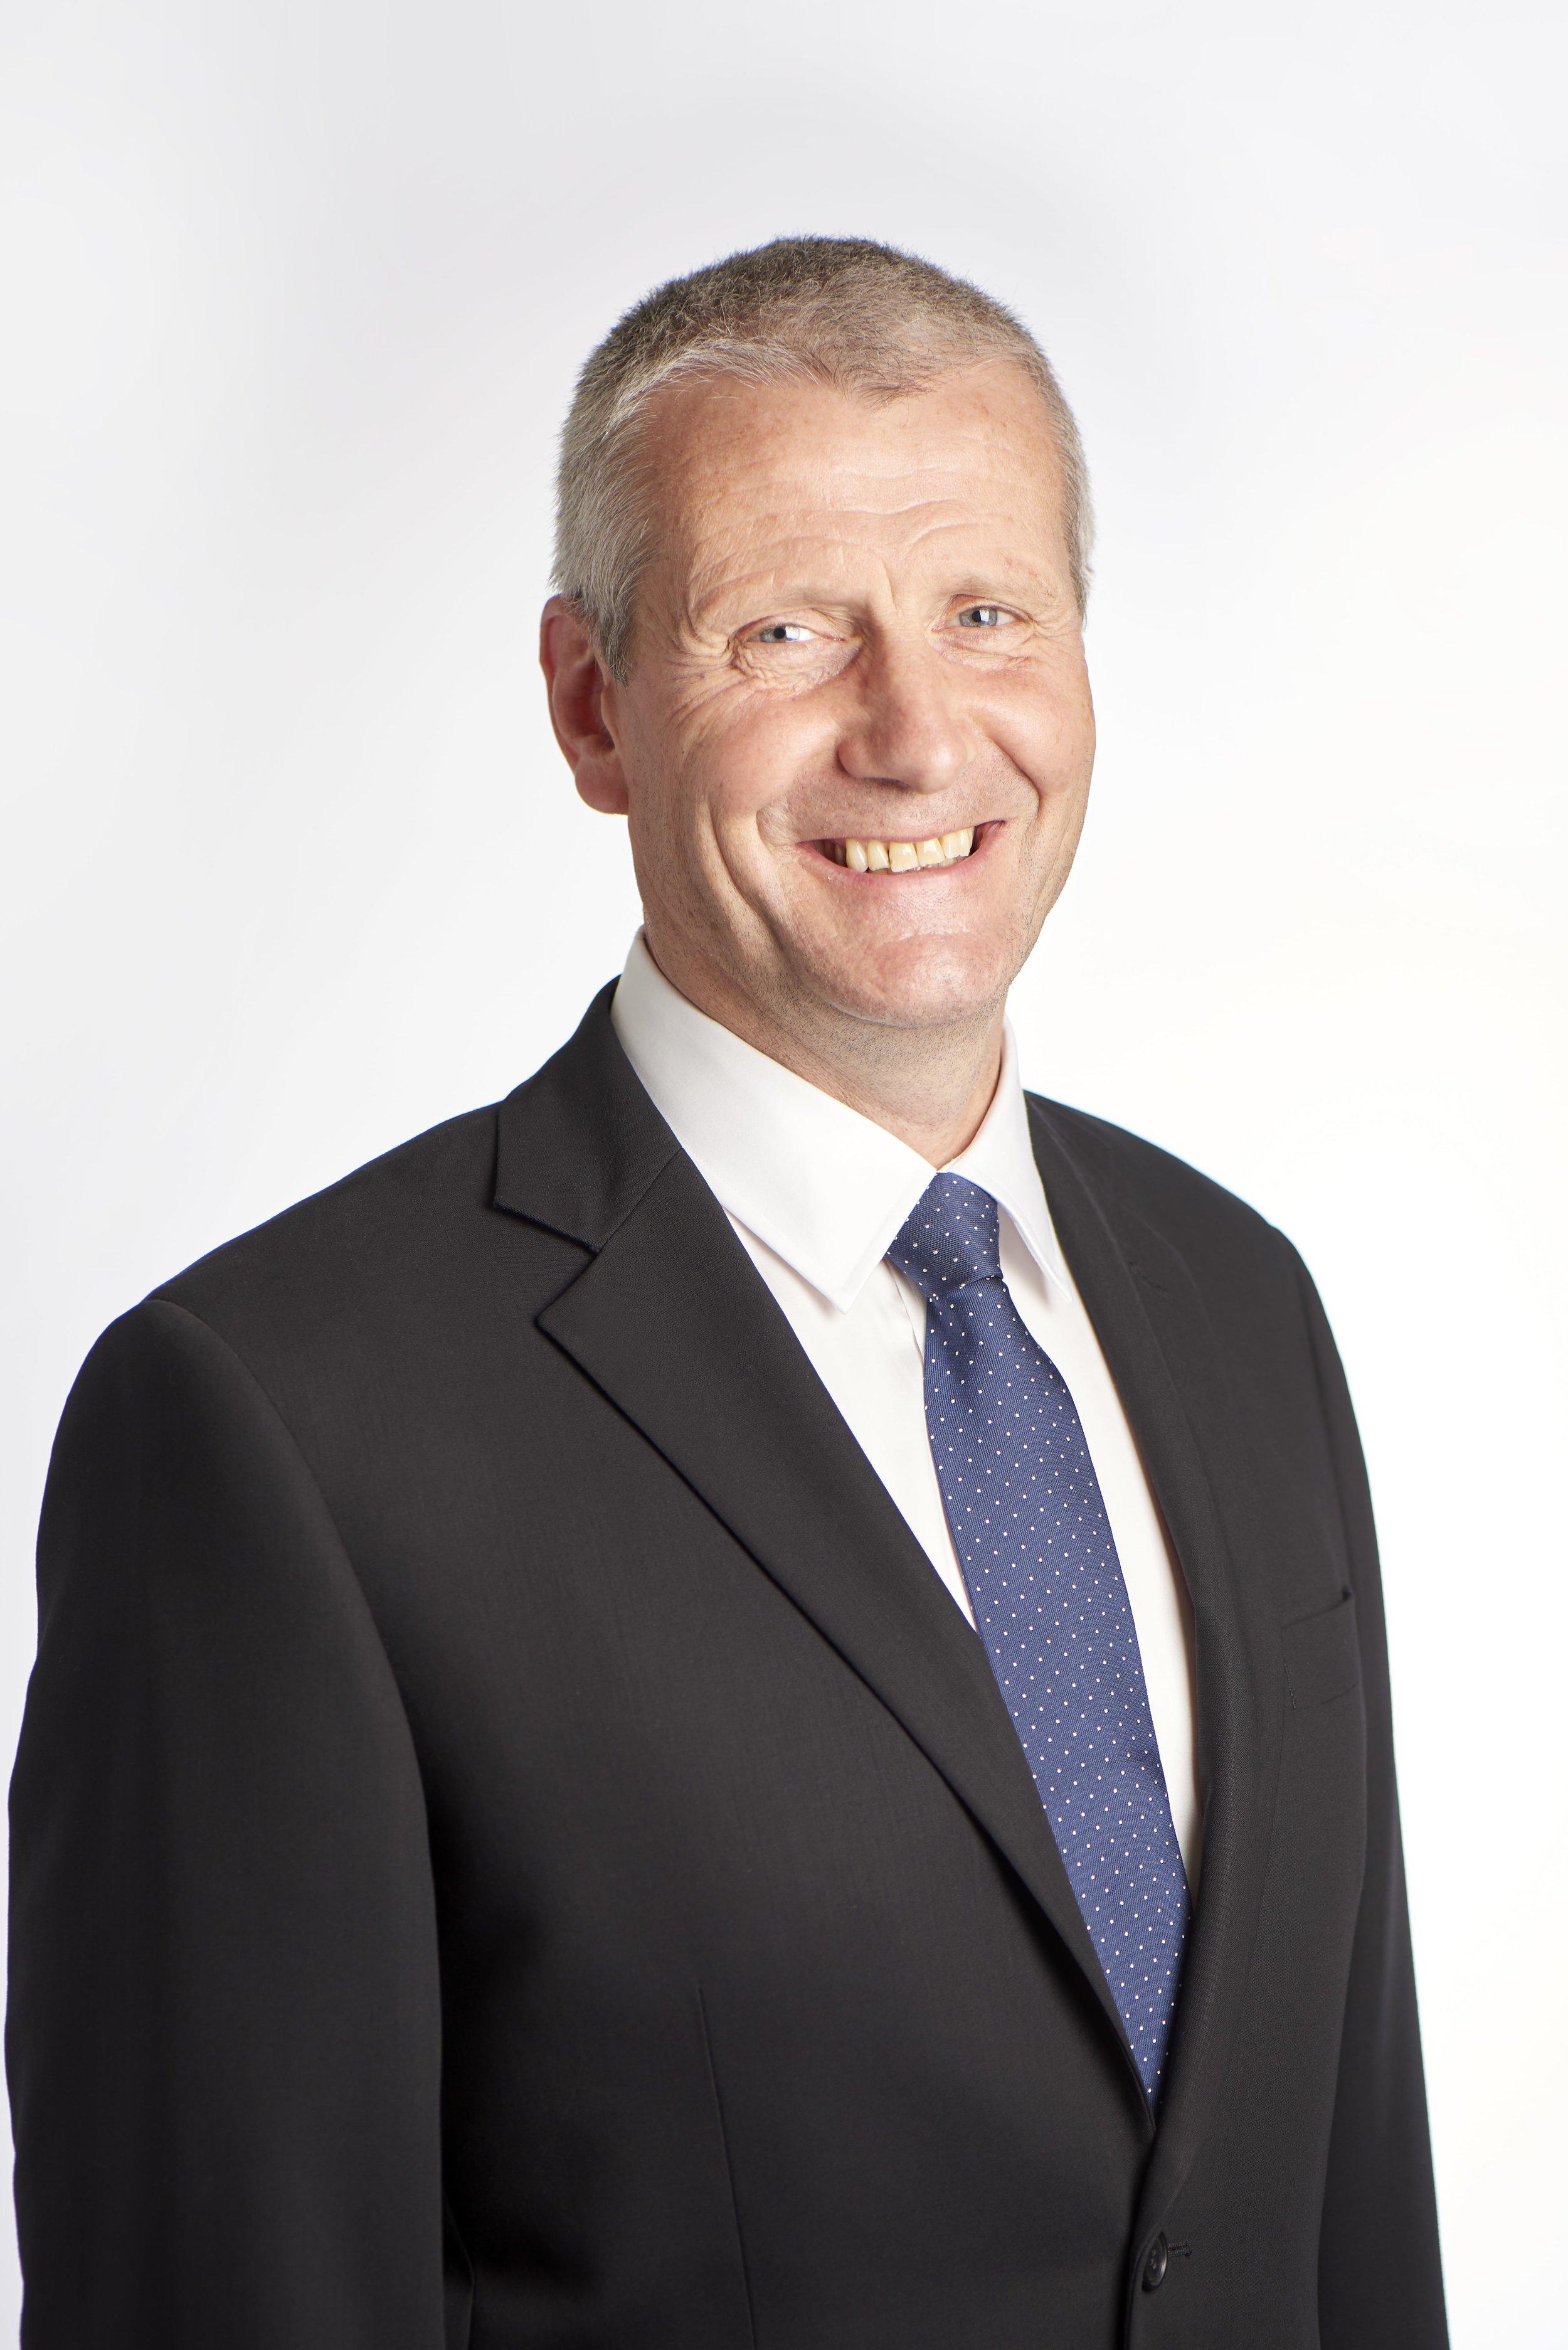 Simon Gibb